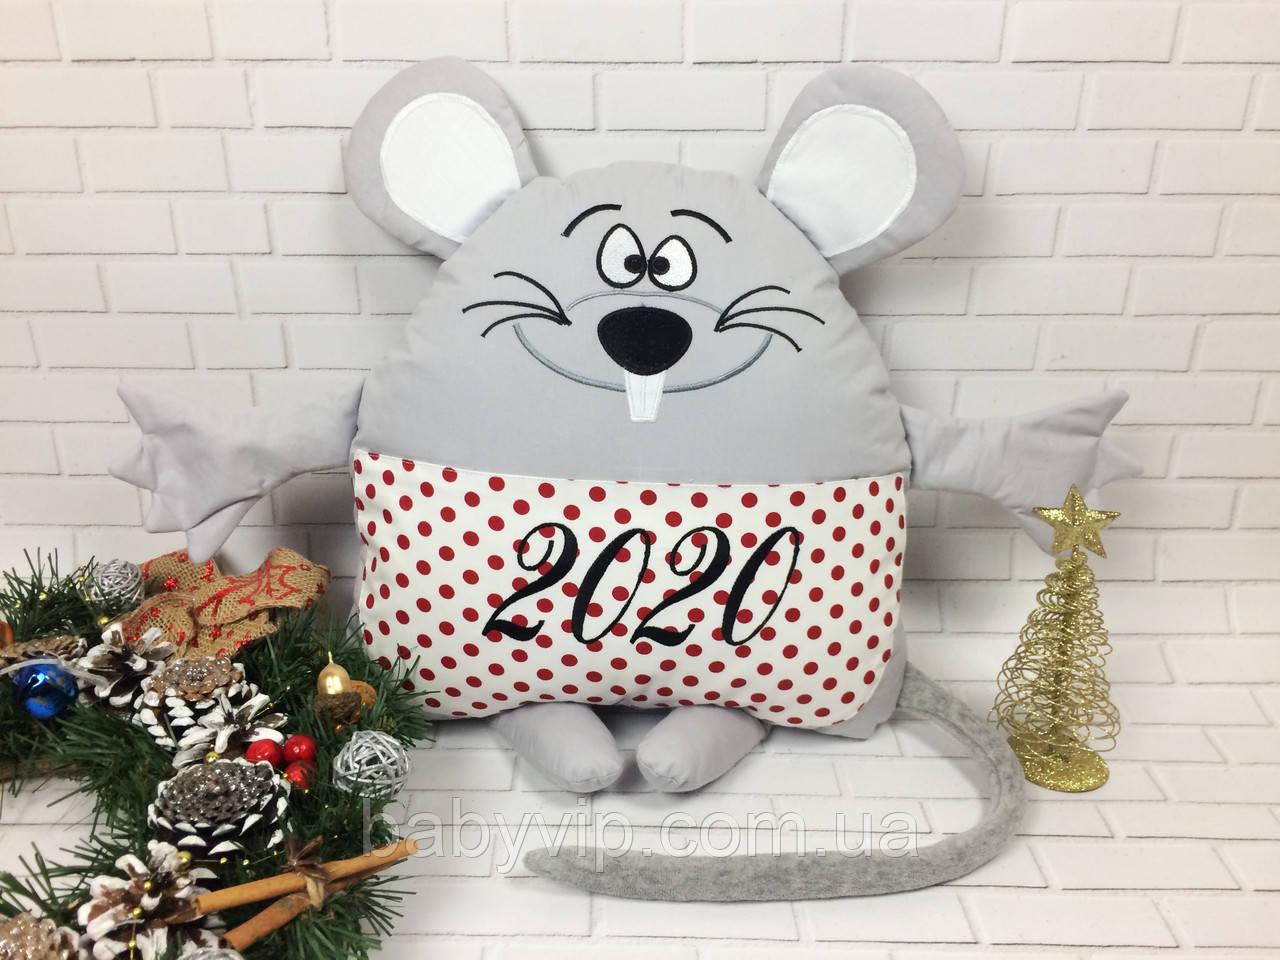 Игрушка Крыса (Мышка)